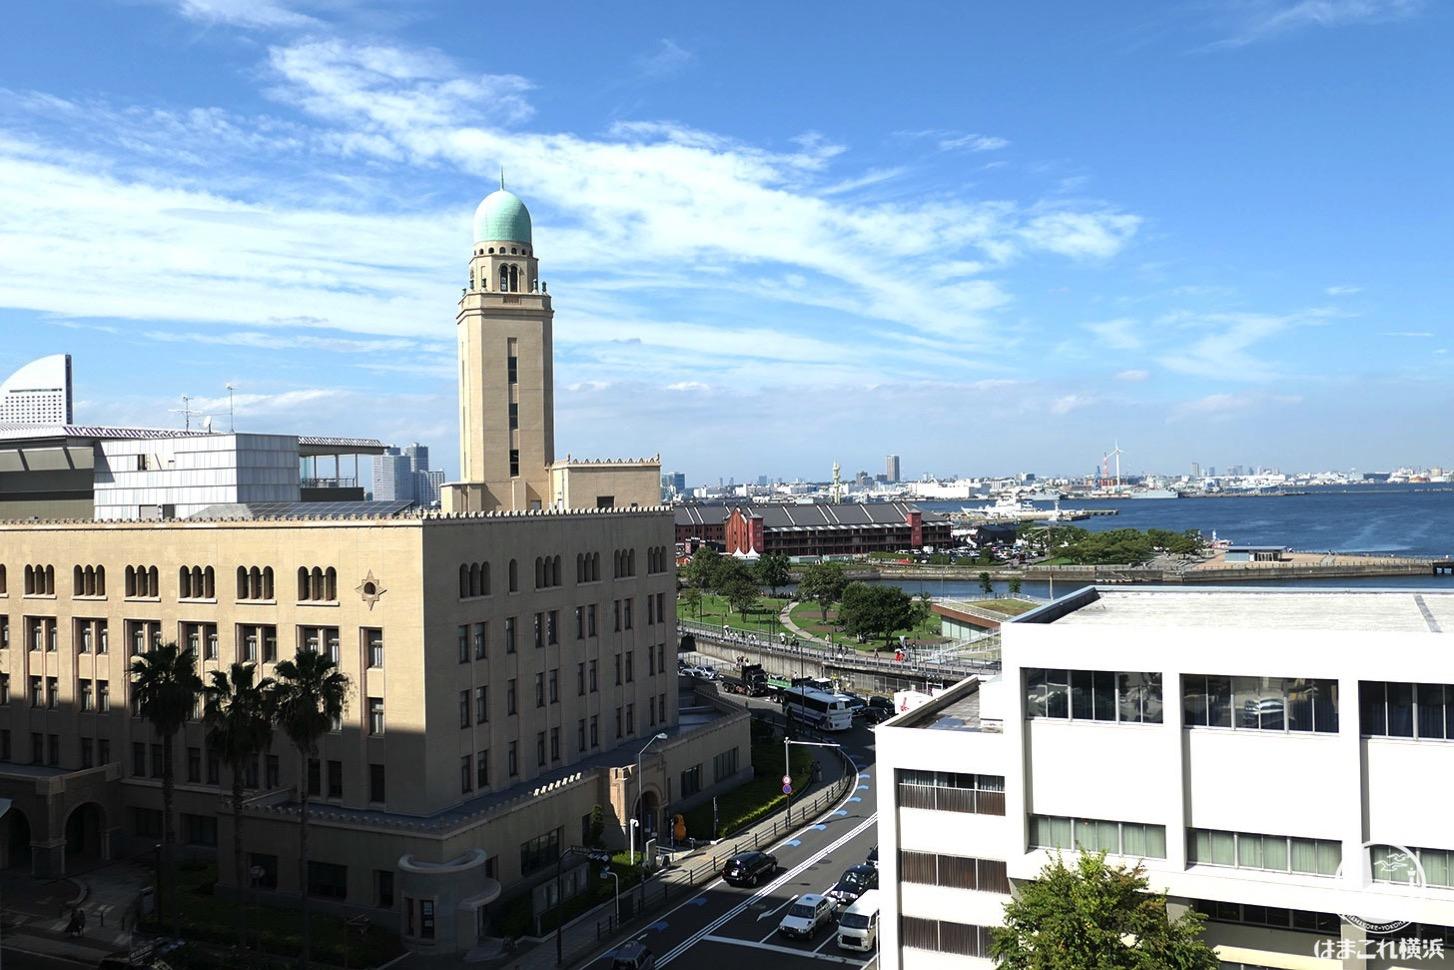 神奈川県庁本庁舎公開 屋上から見た横浜税関(クイーン)